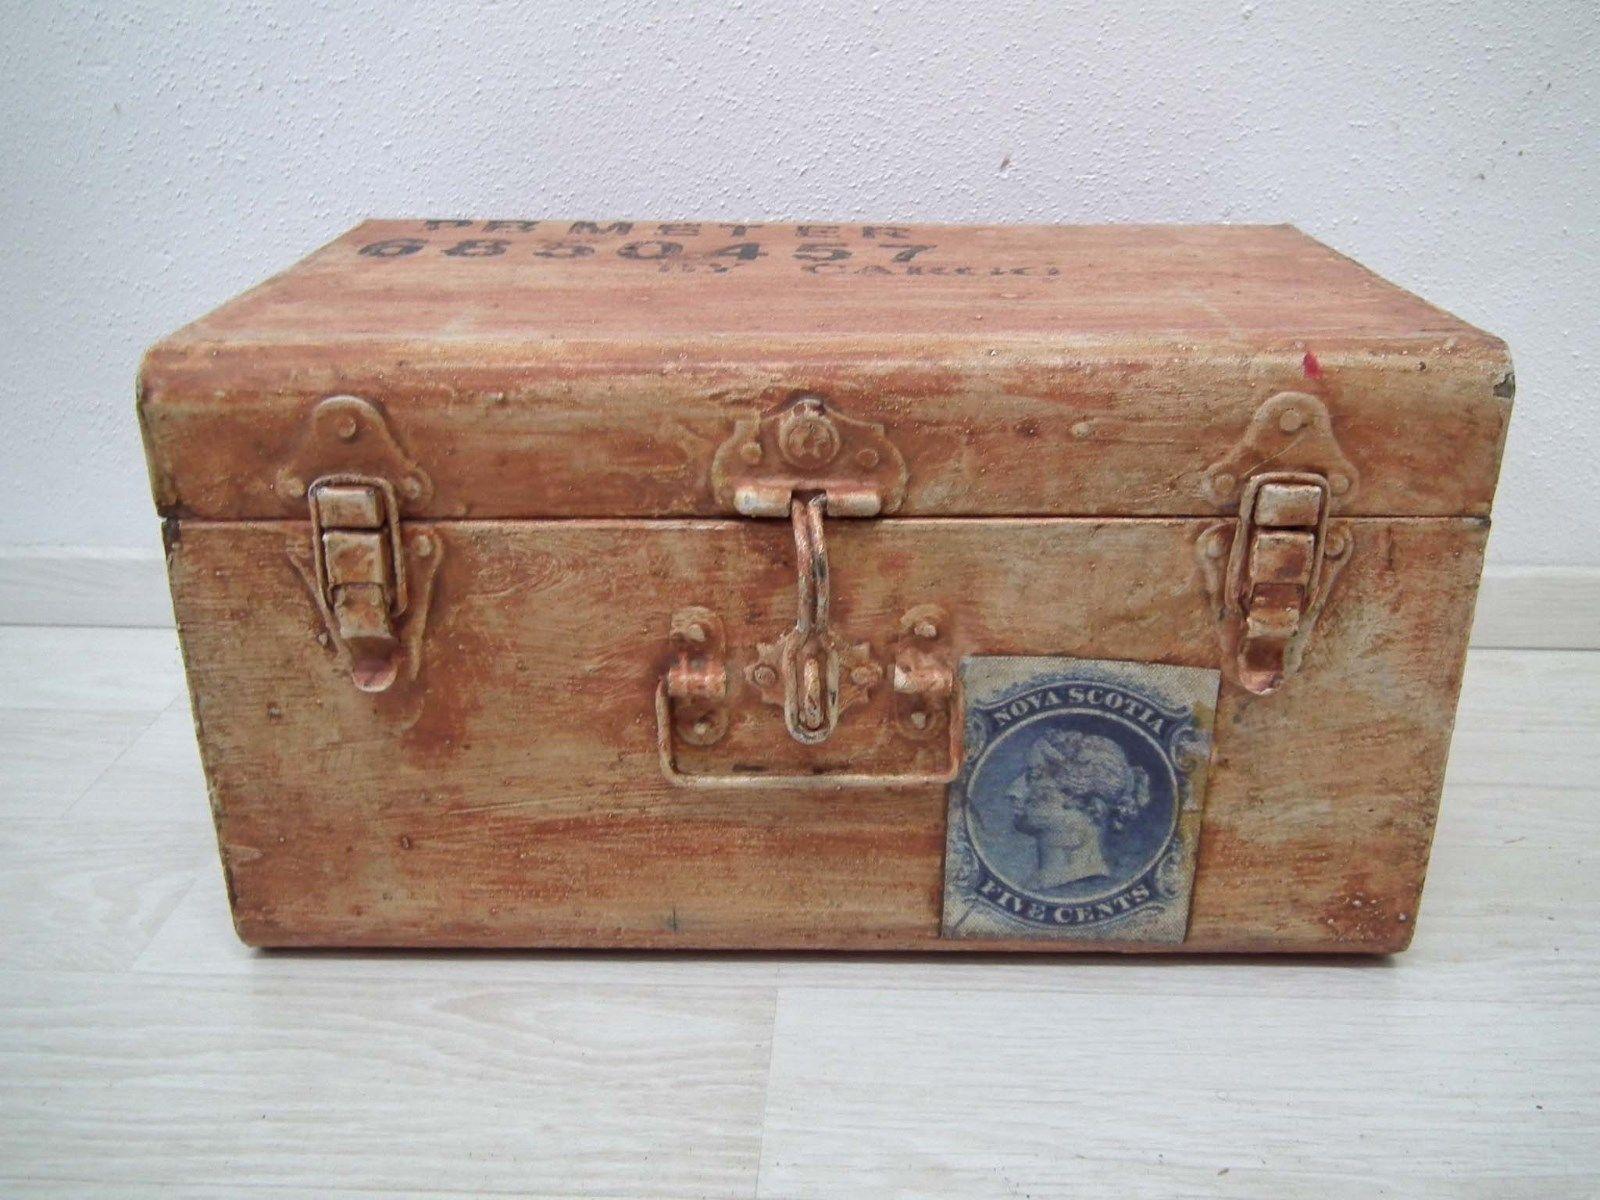 Truhe Box Kiste - Metall Eisen Blech - rot auf alt gebraucht gemacht Shabby